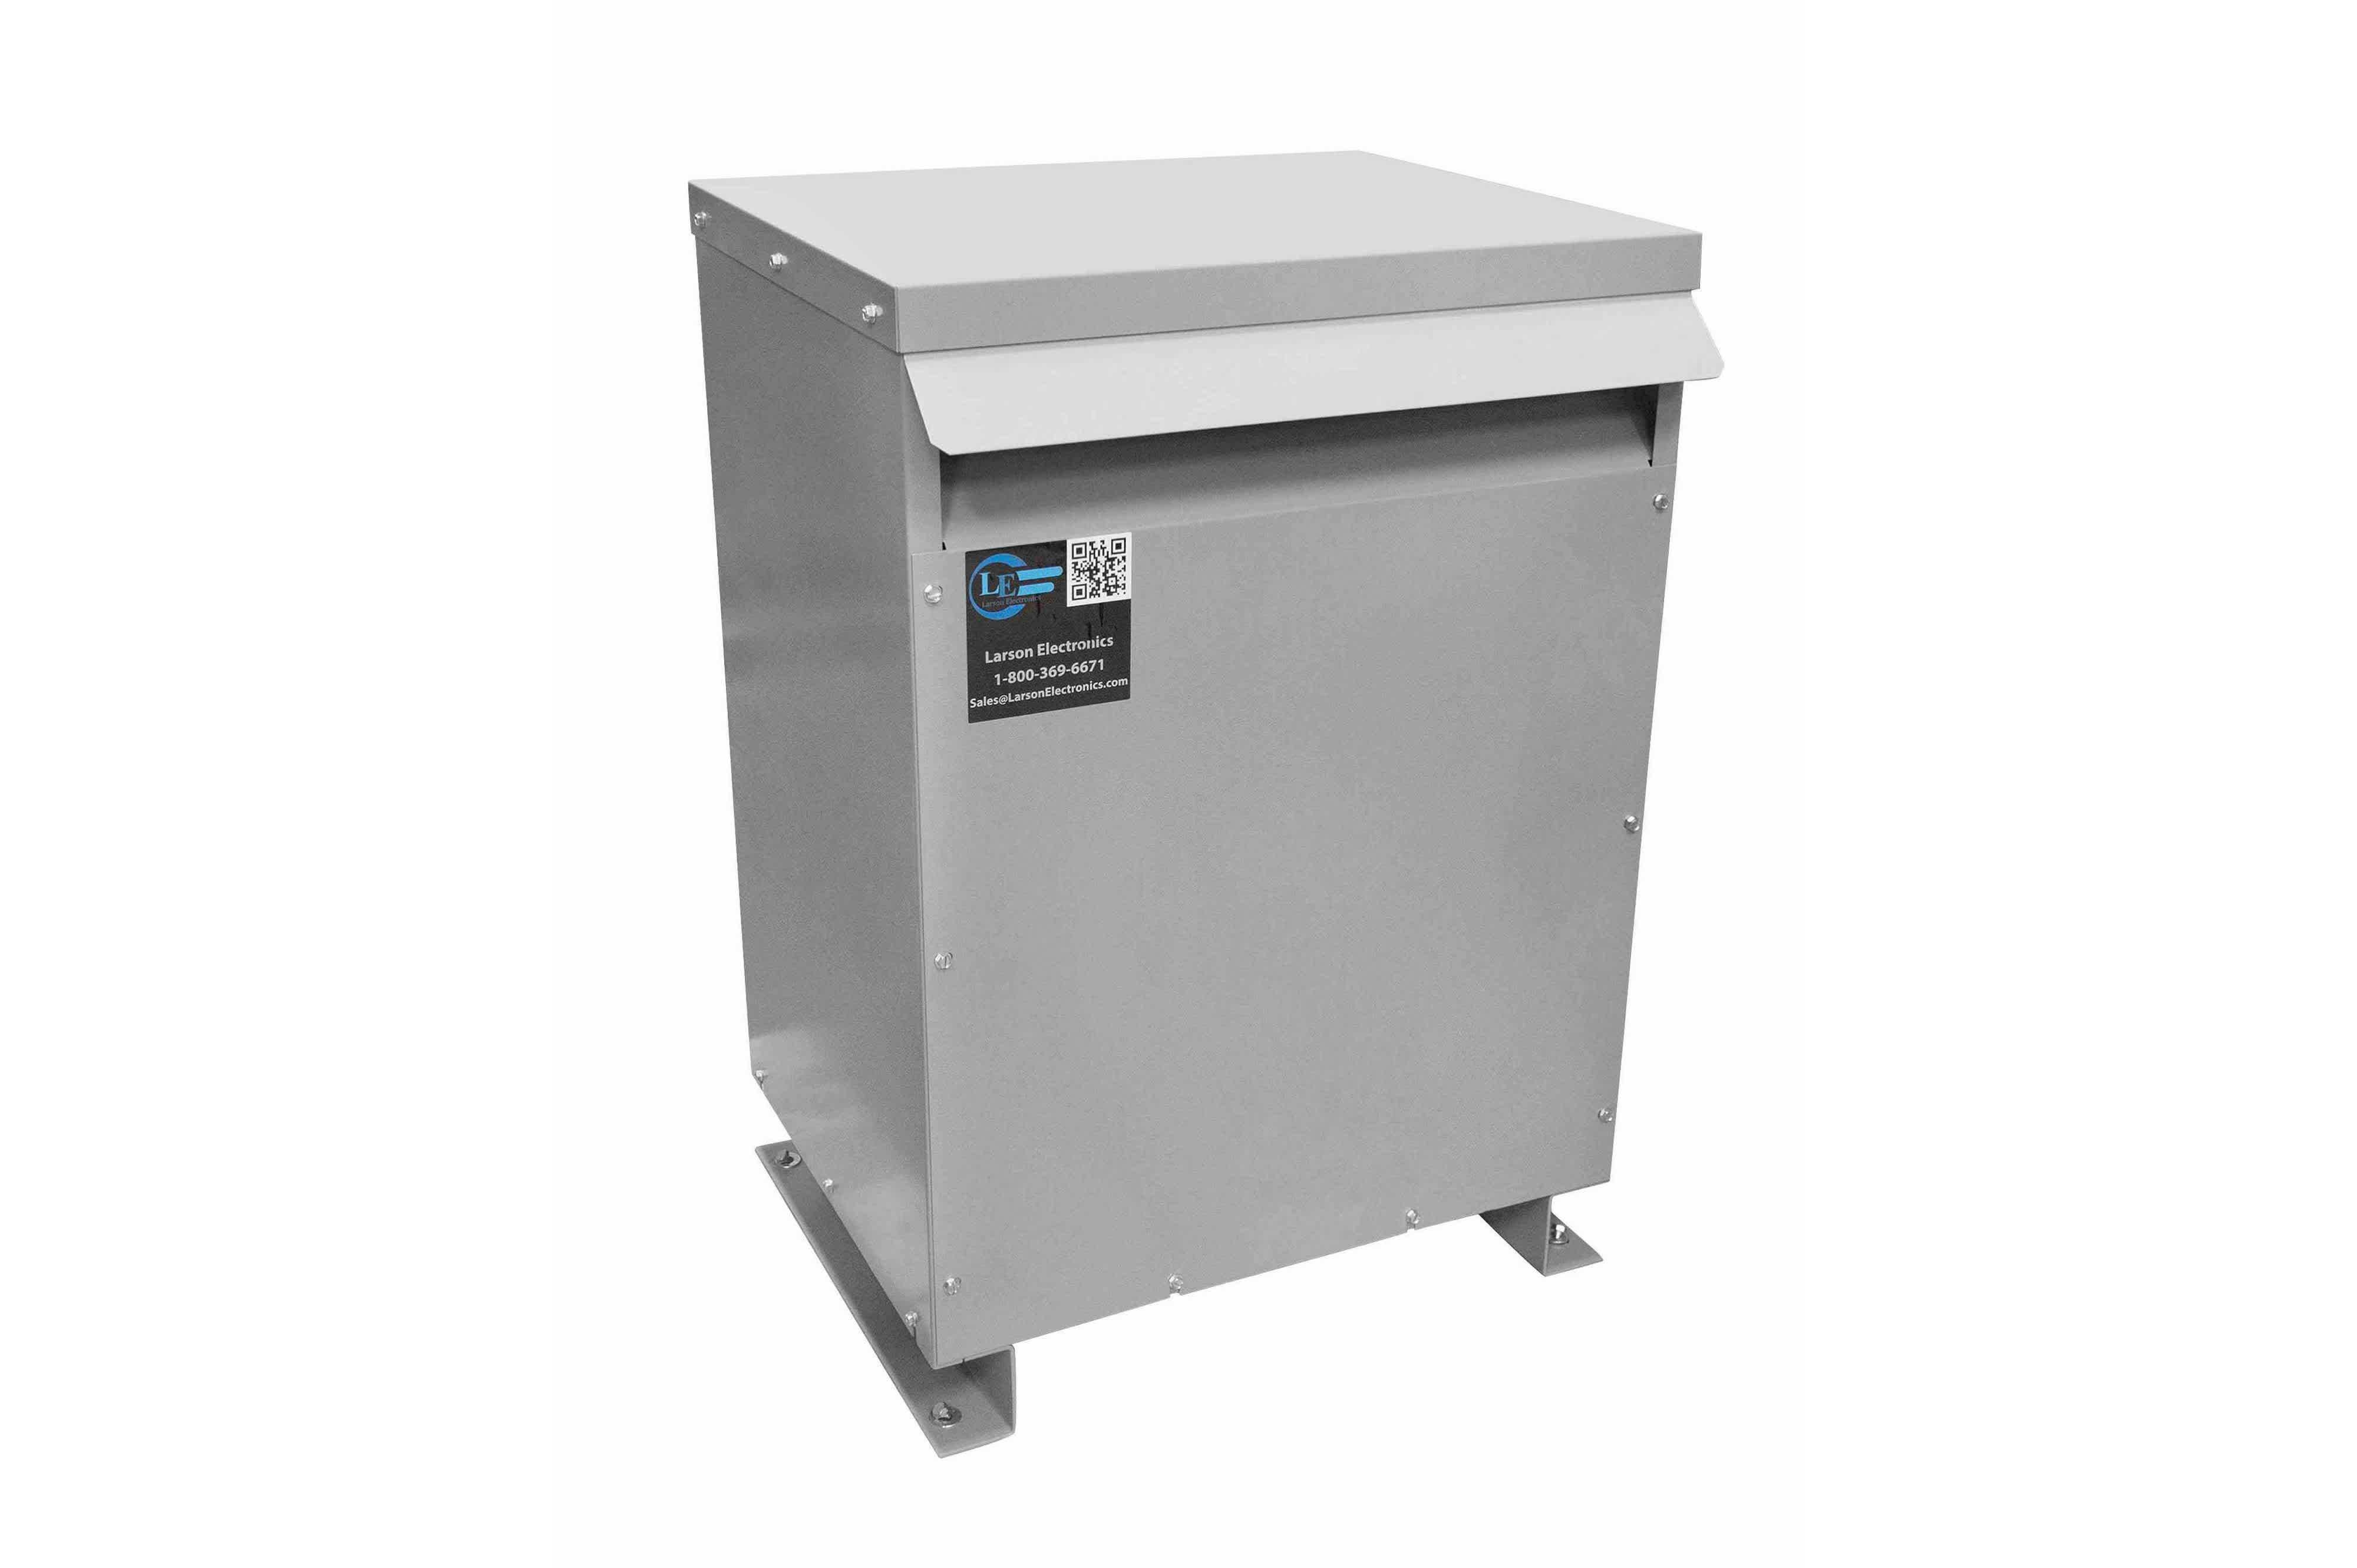 40 kVA 3PH Isolation Transformer, 380V Delta Primary, 240 Delta Secondary, N3R, Ventilated, 60 Hz